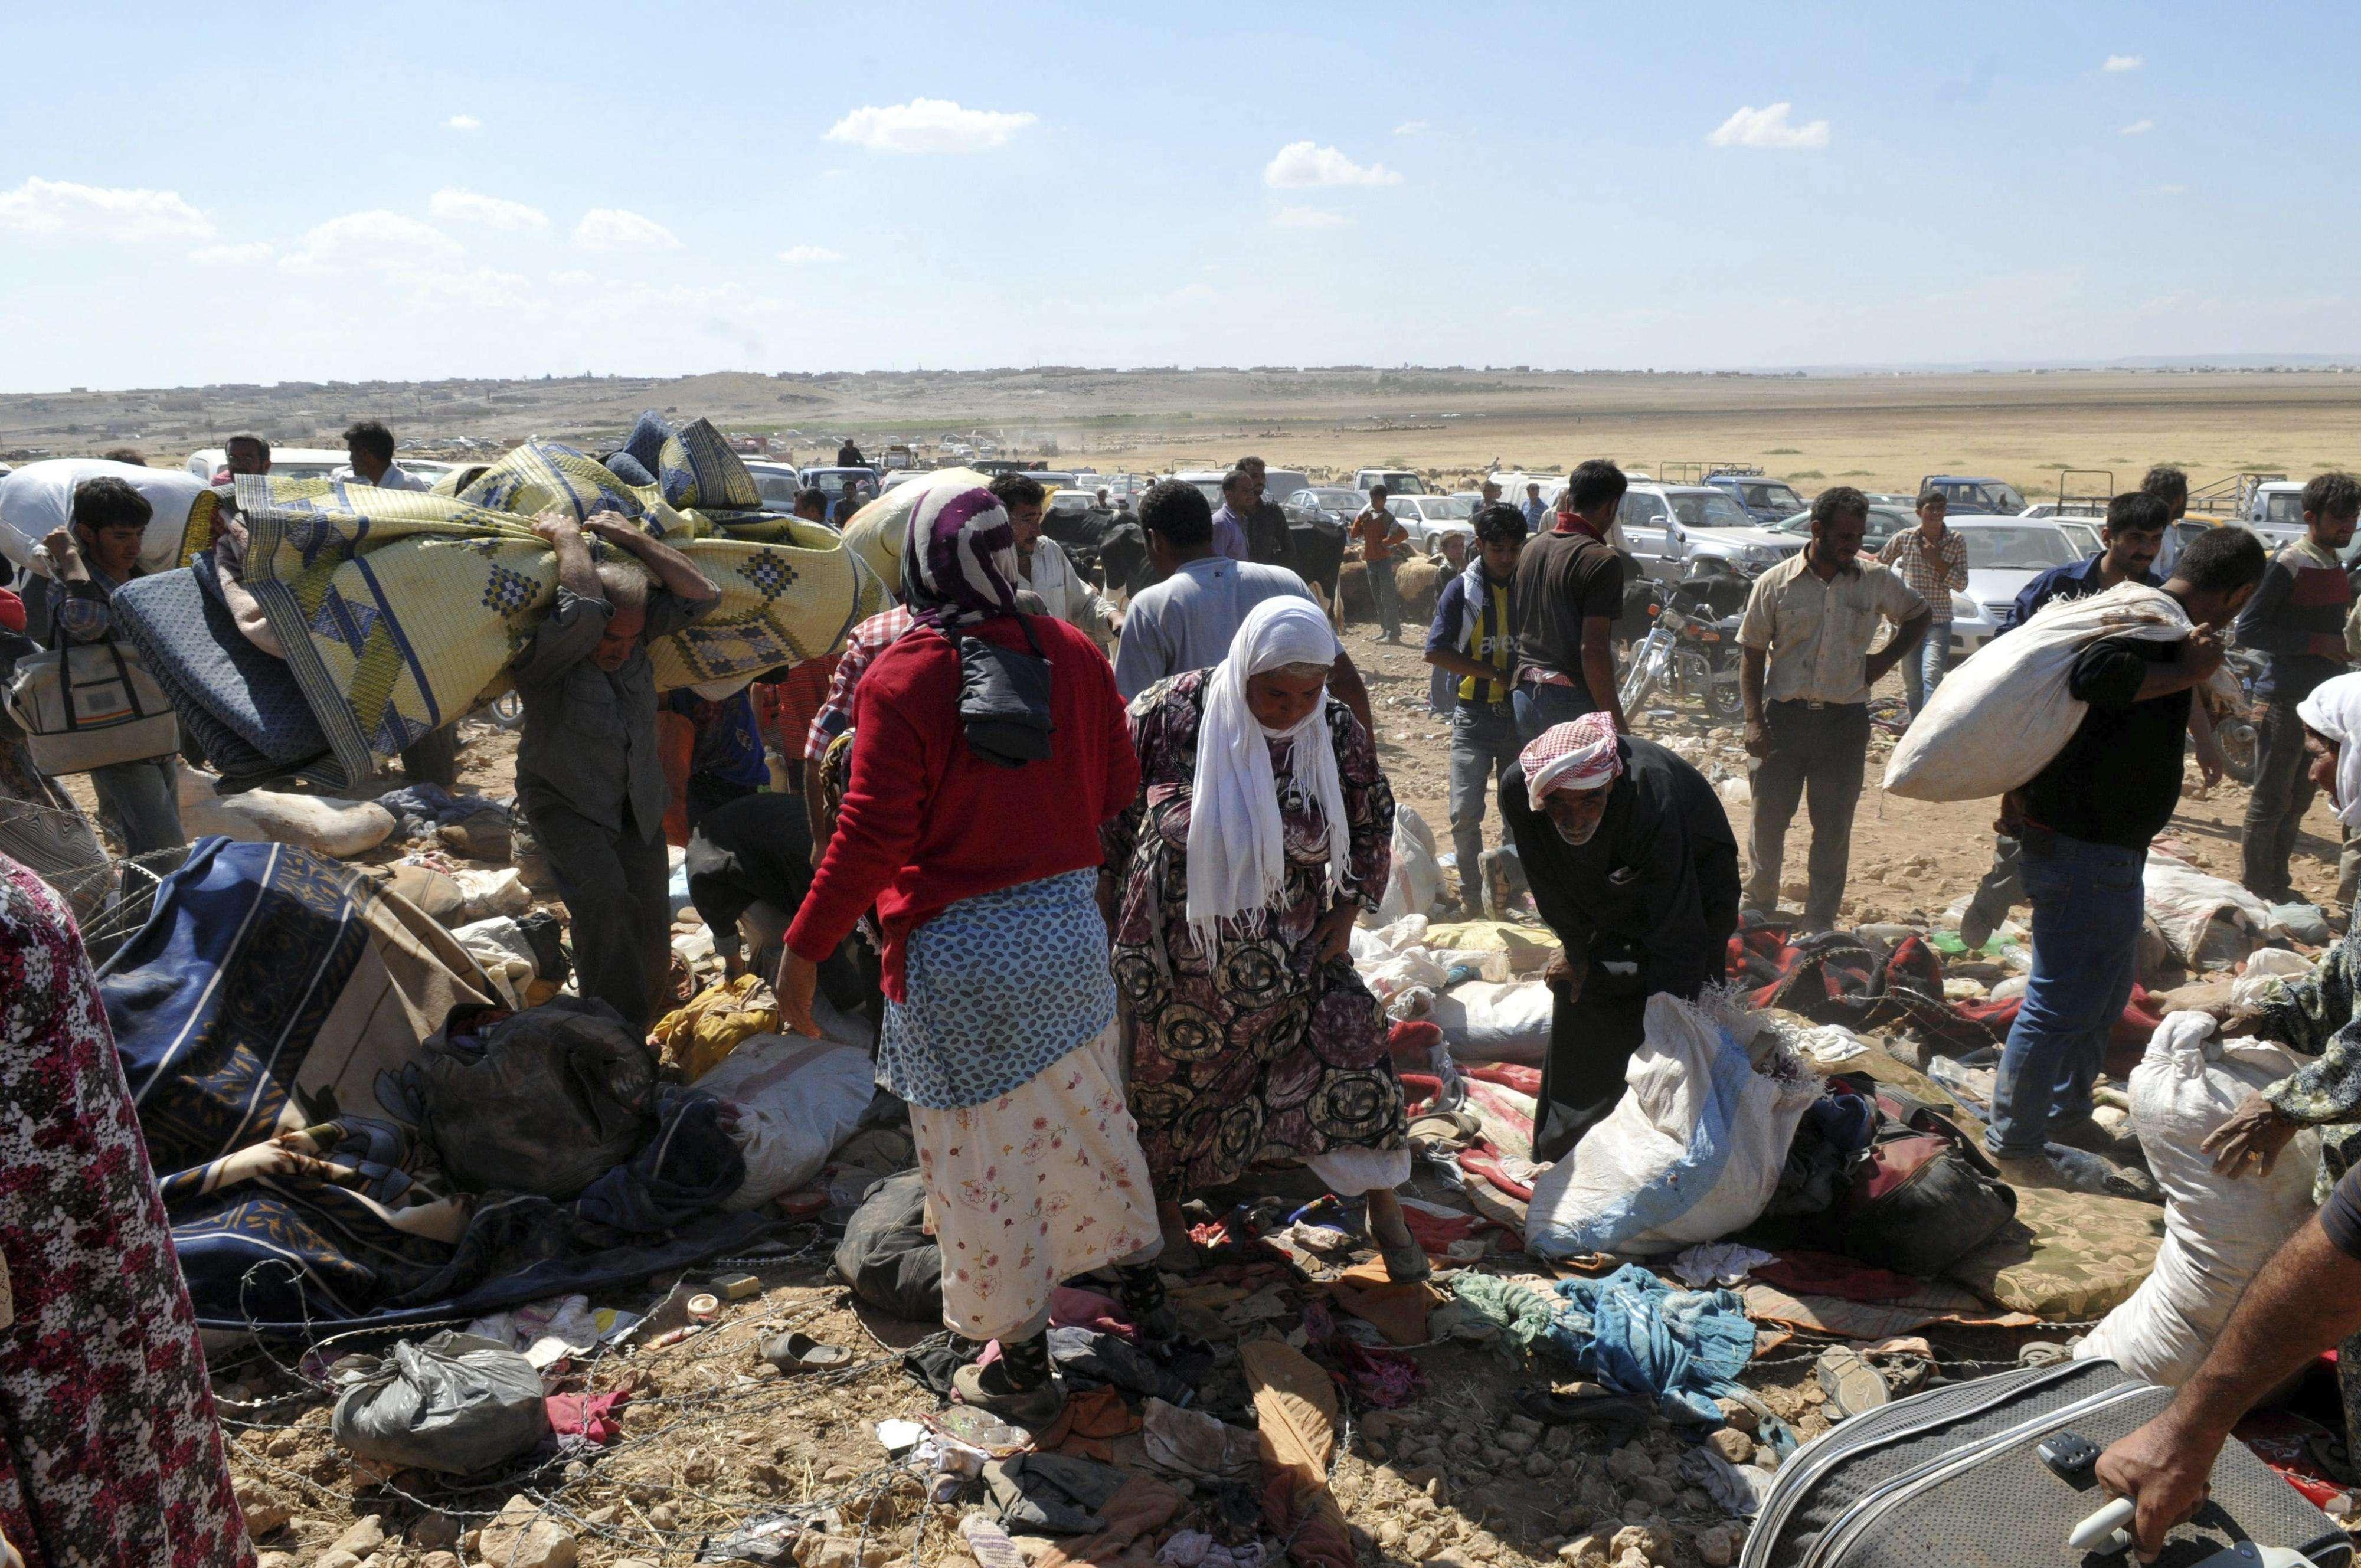 Refugiados sirios esperan en la frontera con Turquía tras dejar sus hogares, cerca de Sanliurfa, Turquía, el 19 de septiembre del 2014. Foto: EFE